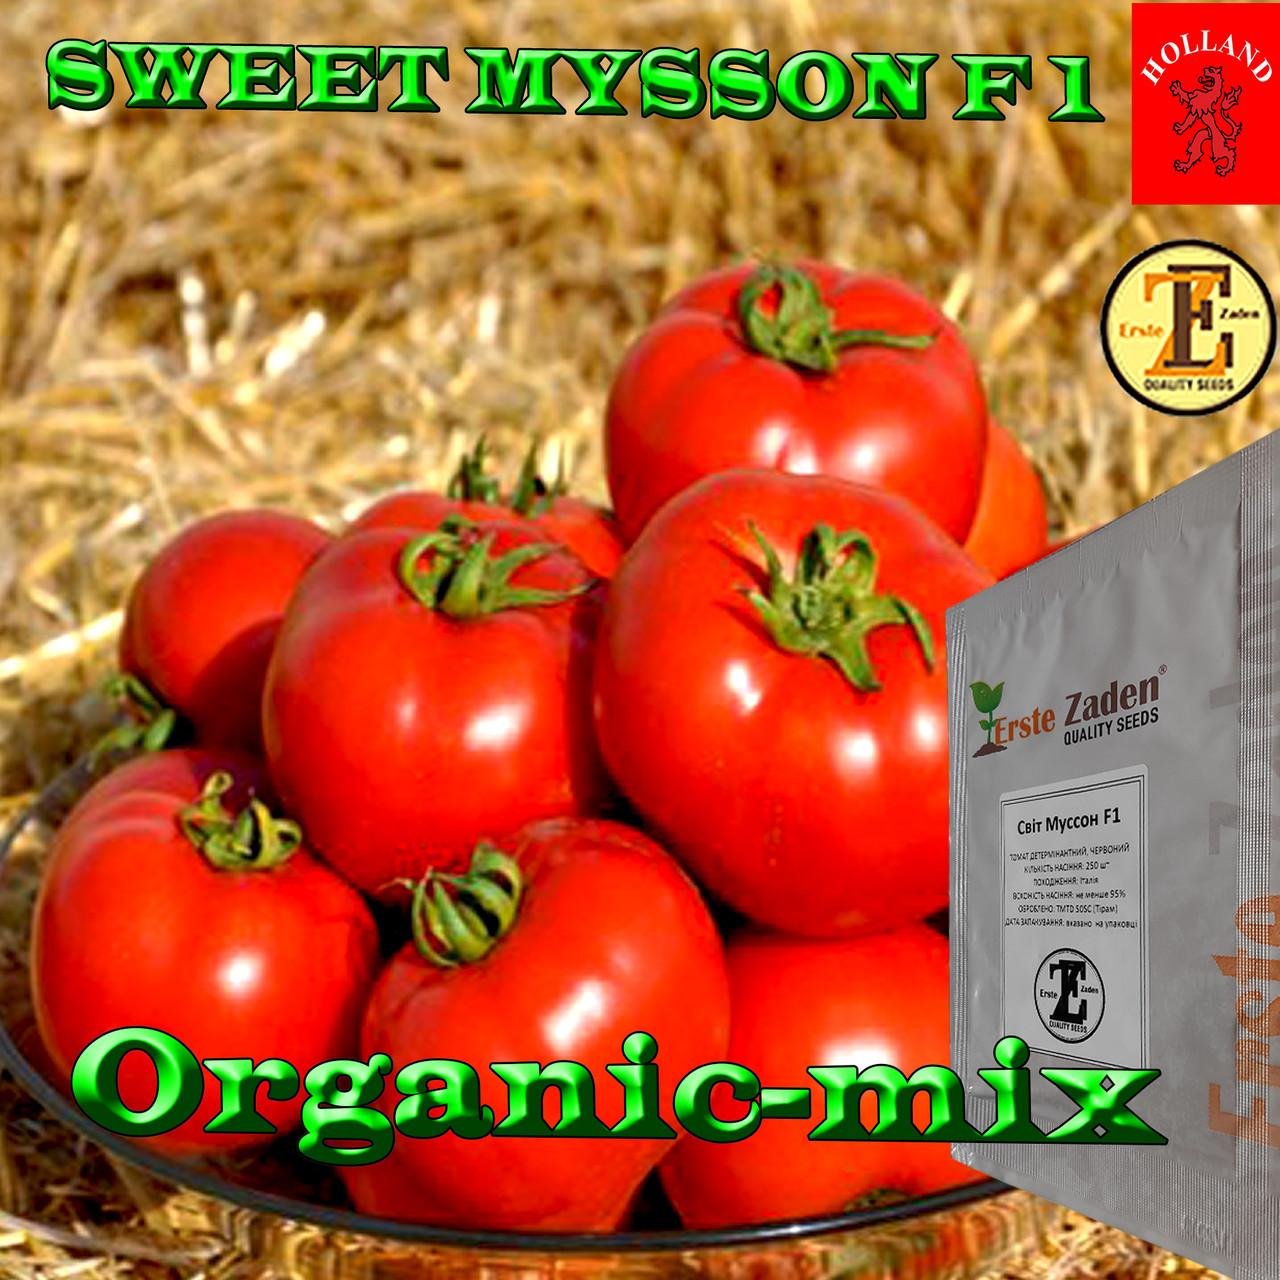 Томат СВИТ МУССОН F1 / SWEET MYSSON F1 (крупный высокоурожайный) ТМ Erste Zaden, упаковка 250 семян